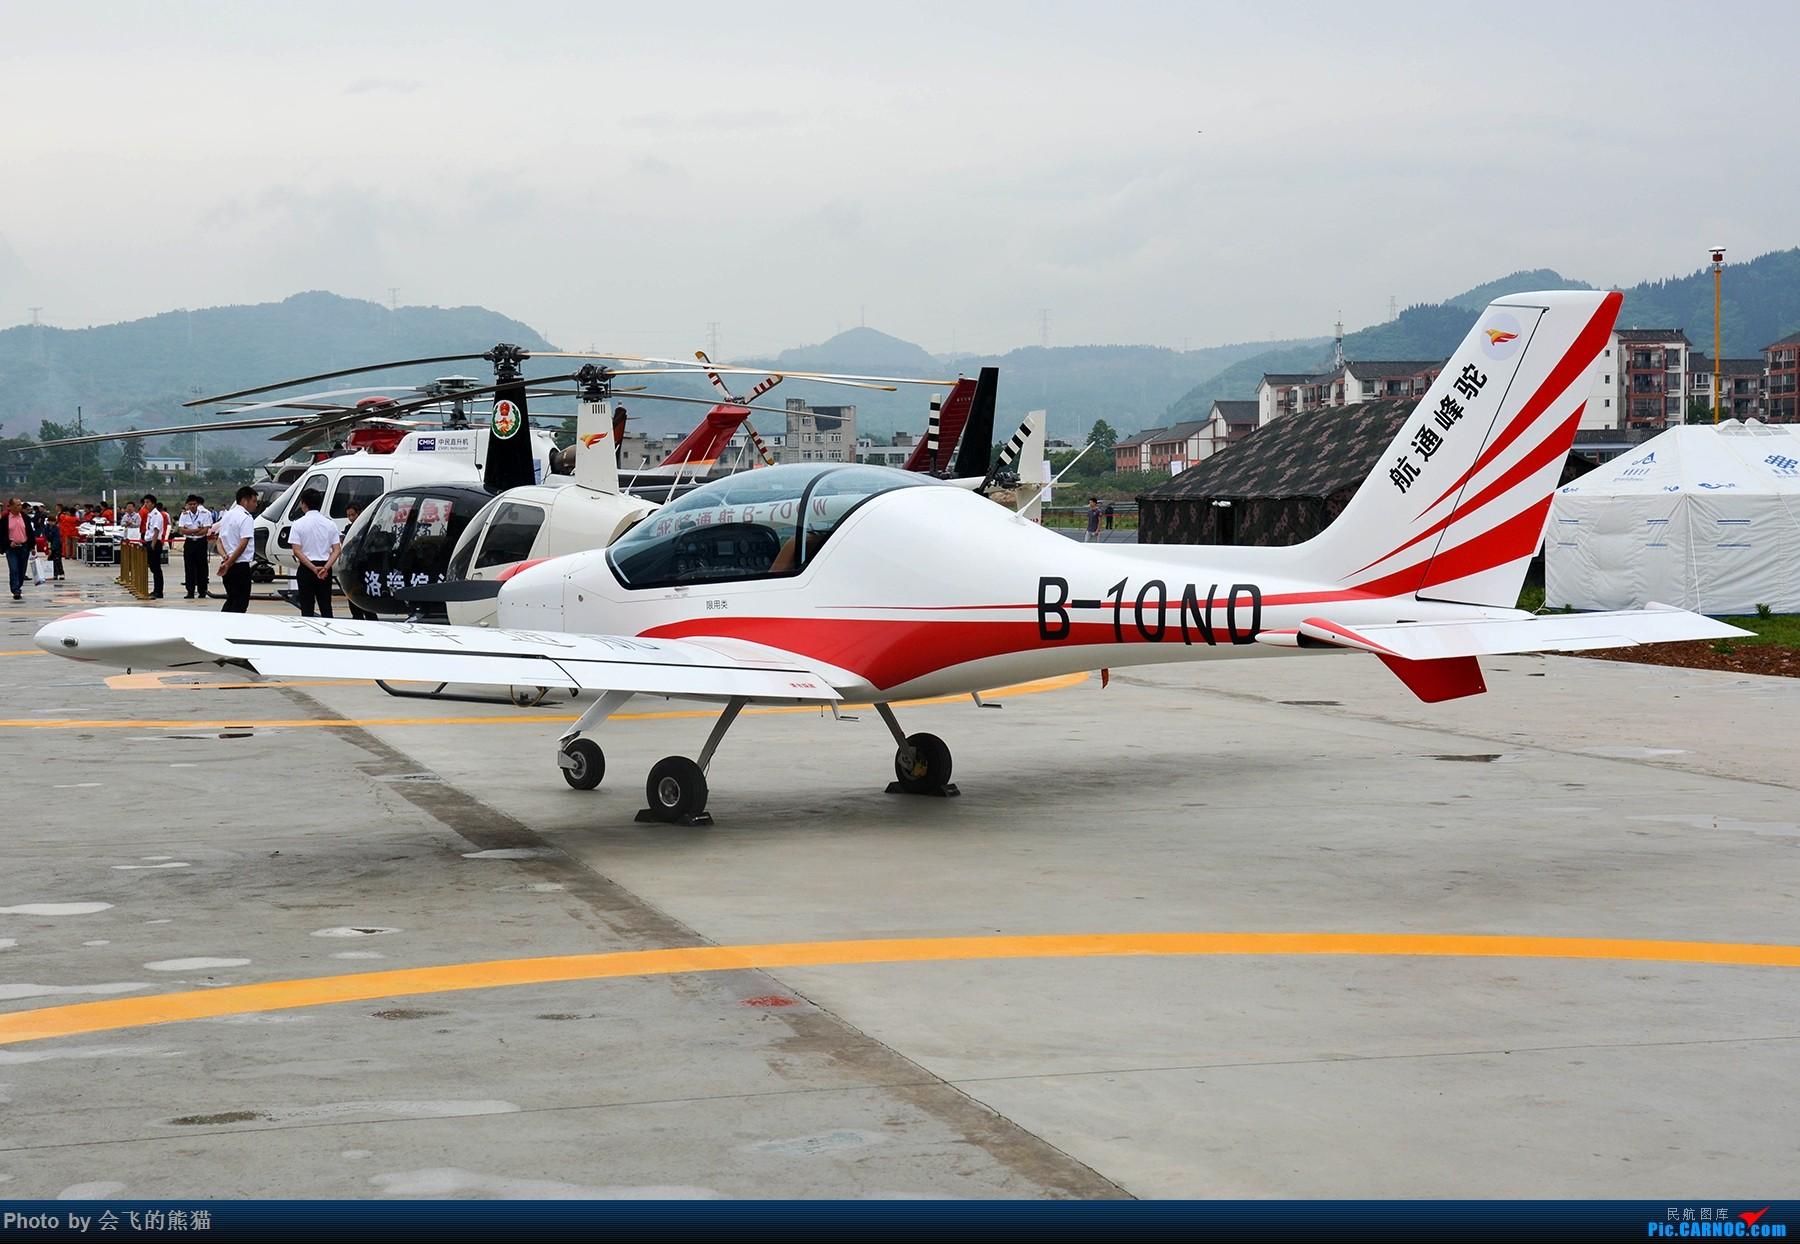 Re:[原创]本地小航展 SUNWARDTECH AURORA SA60L B-10ND 驼峰通航洛带机场